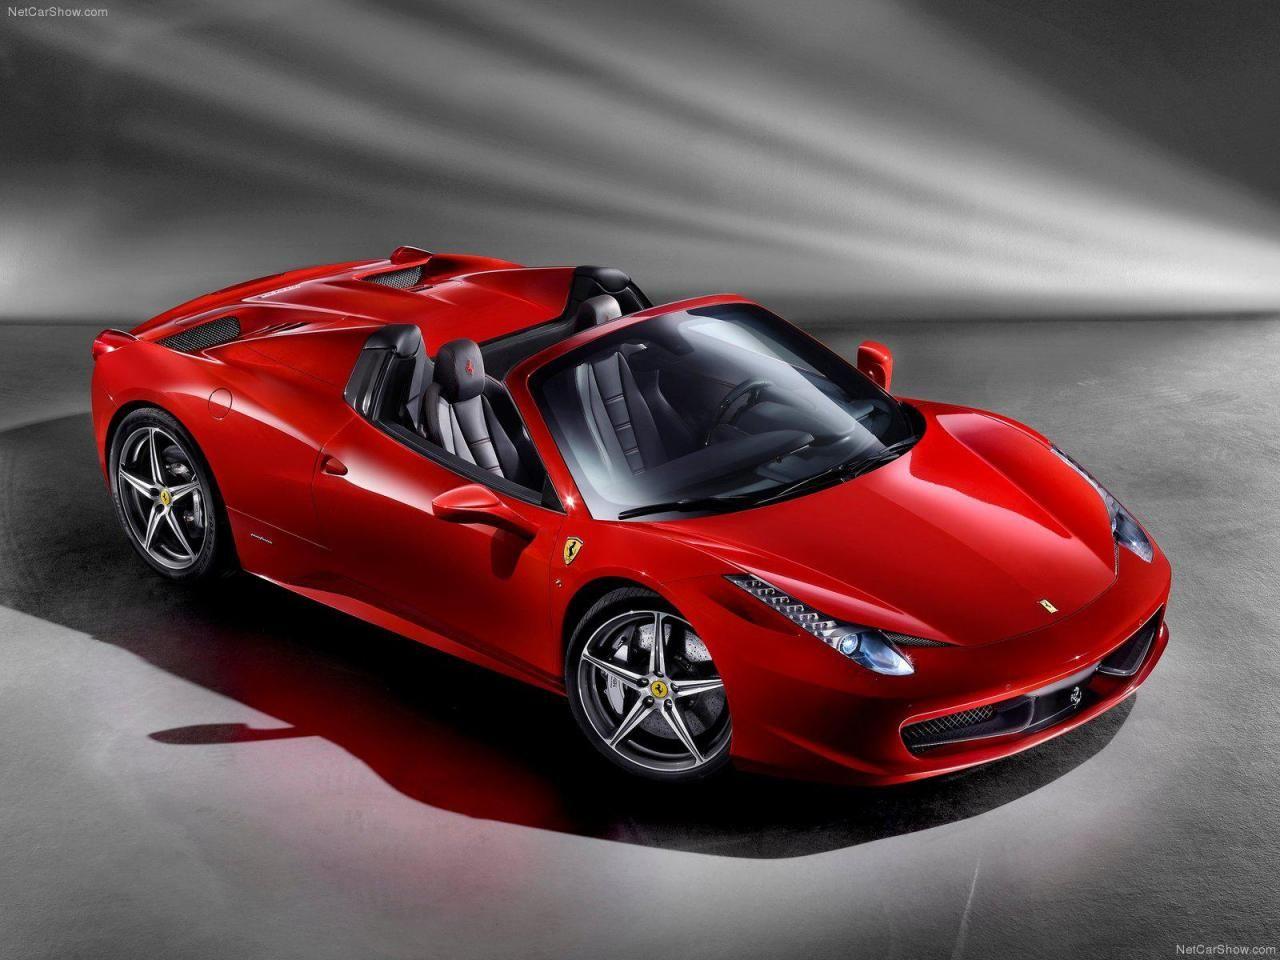 фото 2013 Ferrari 458 Spider Ferrari 458 Ferrari 458 Italia Spider Ferrari Italia 458